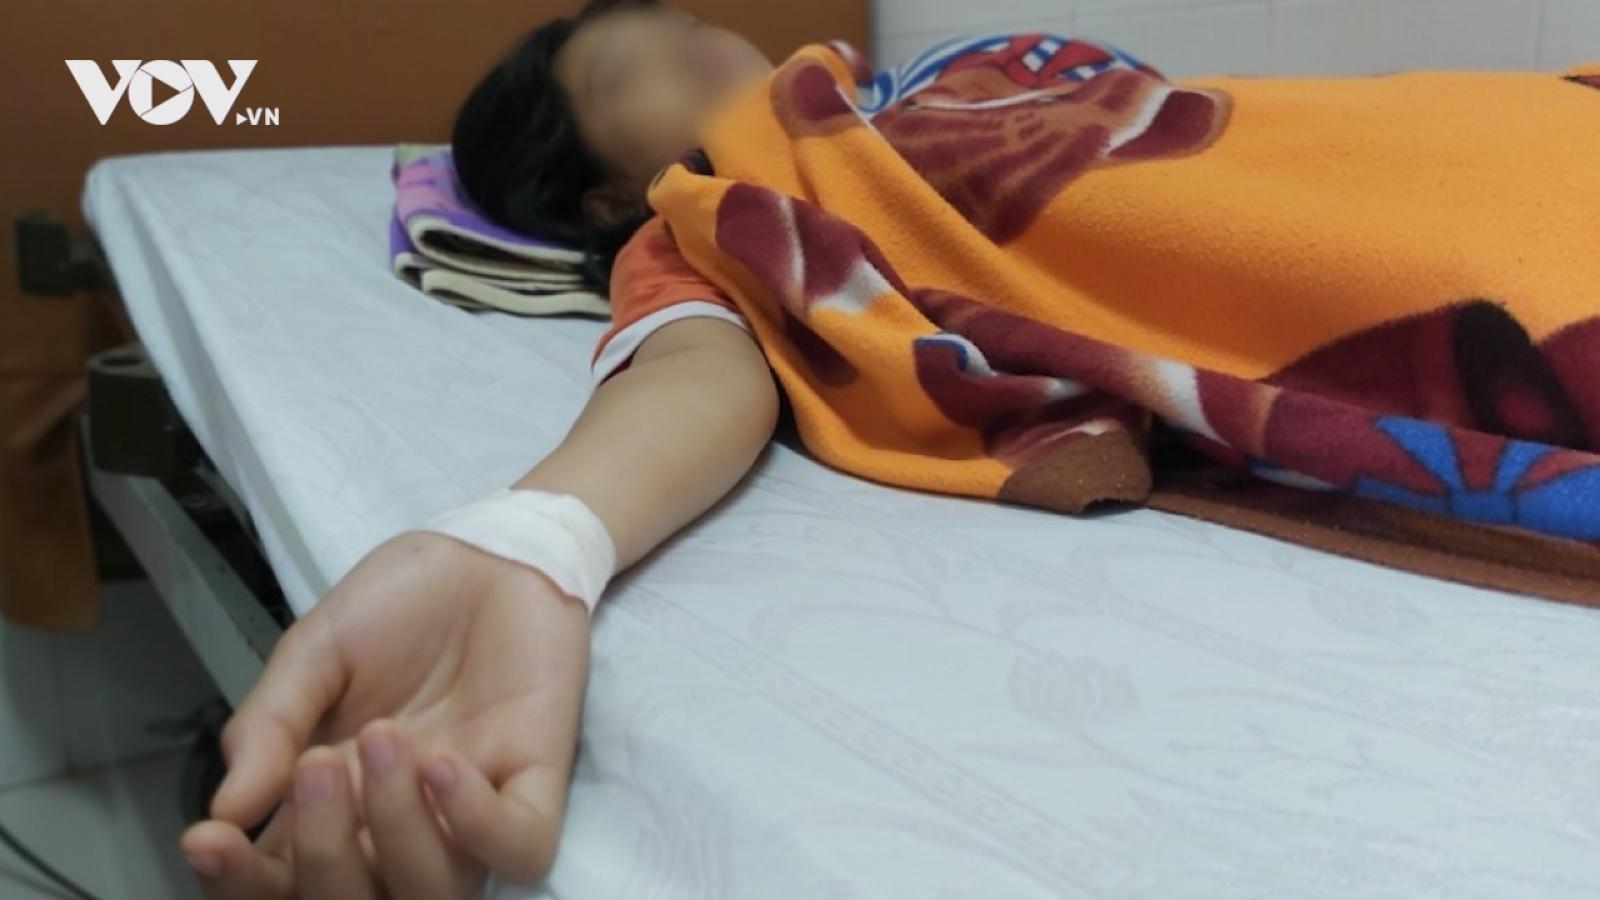 Nóng 24h: Thêm một vụ nữ sinh bị hành hung sau va chạm giao thông